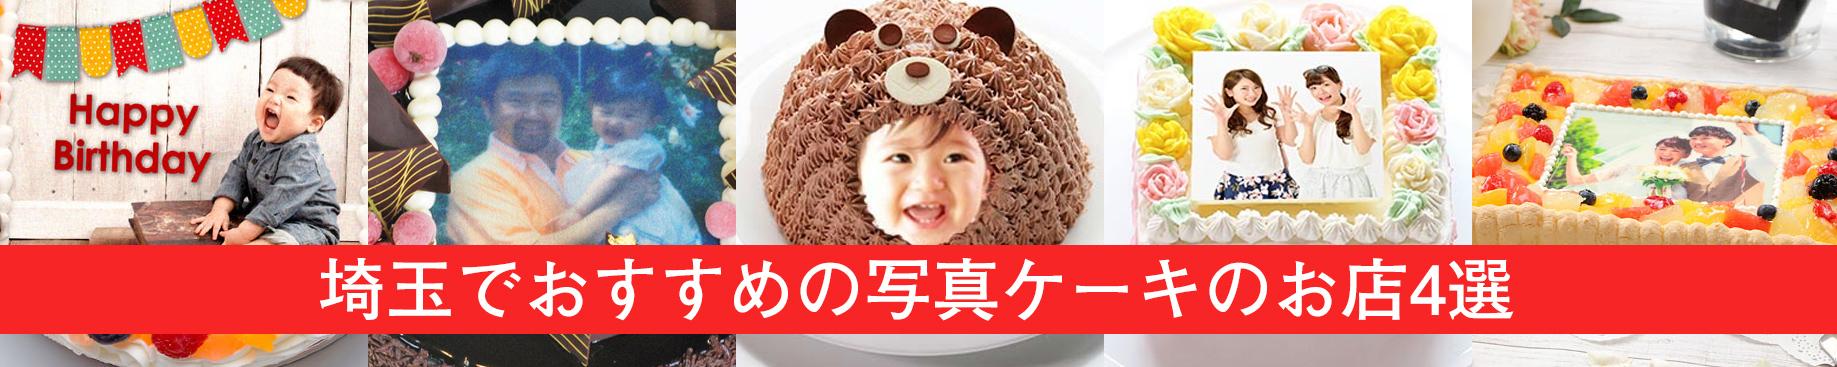 埼玉で写真ケーキがおすすめのお店